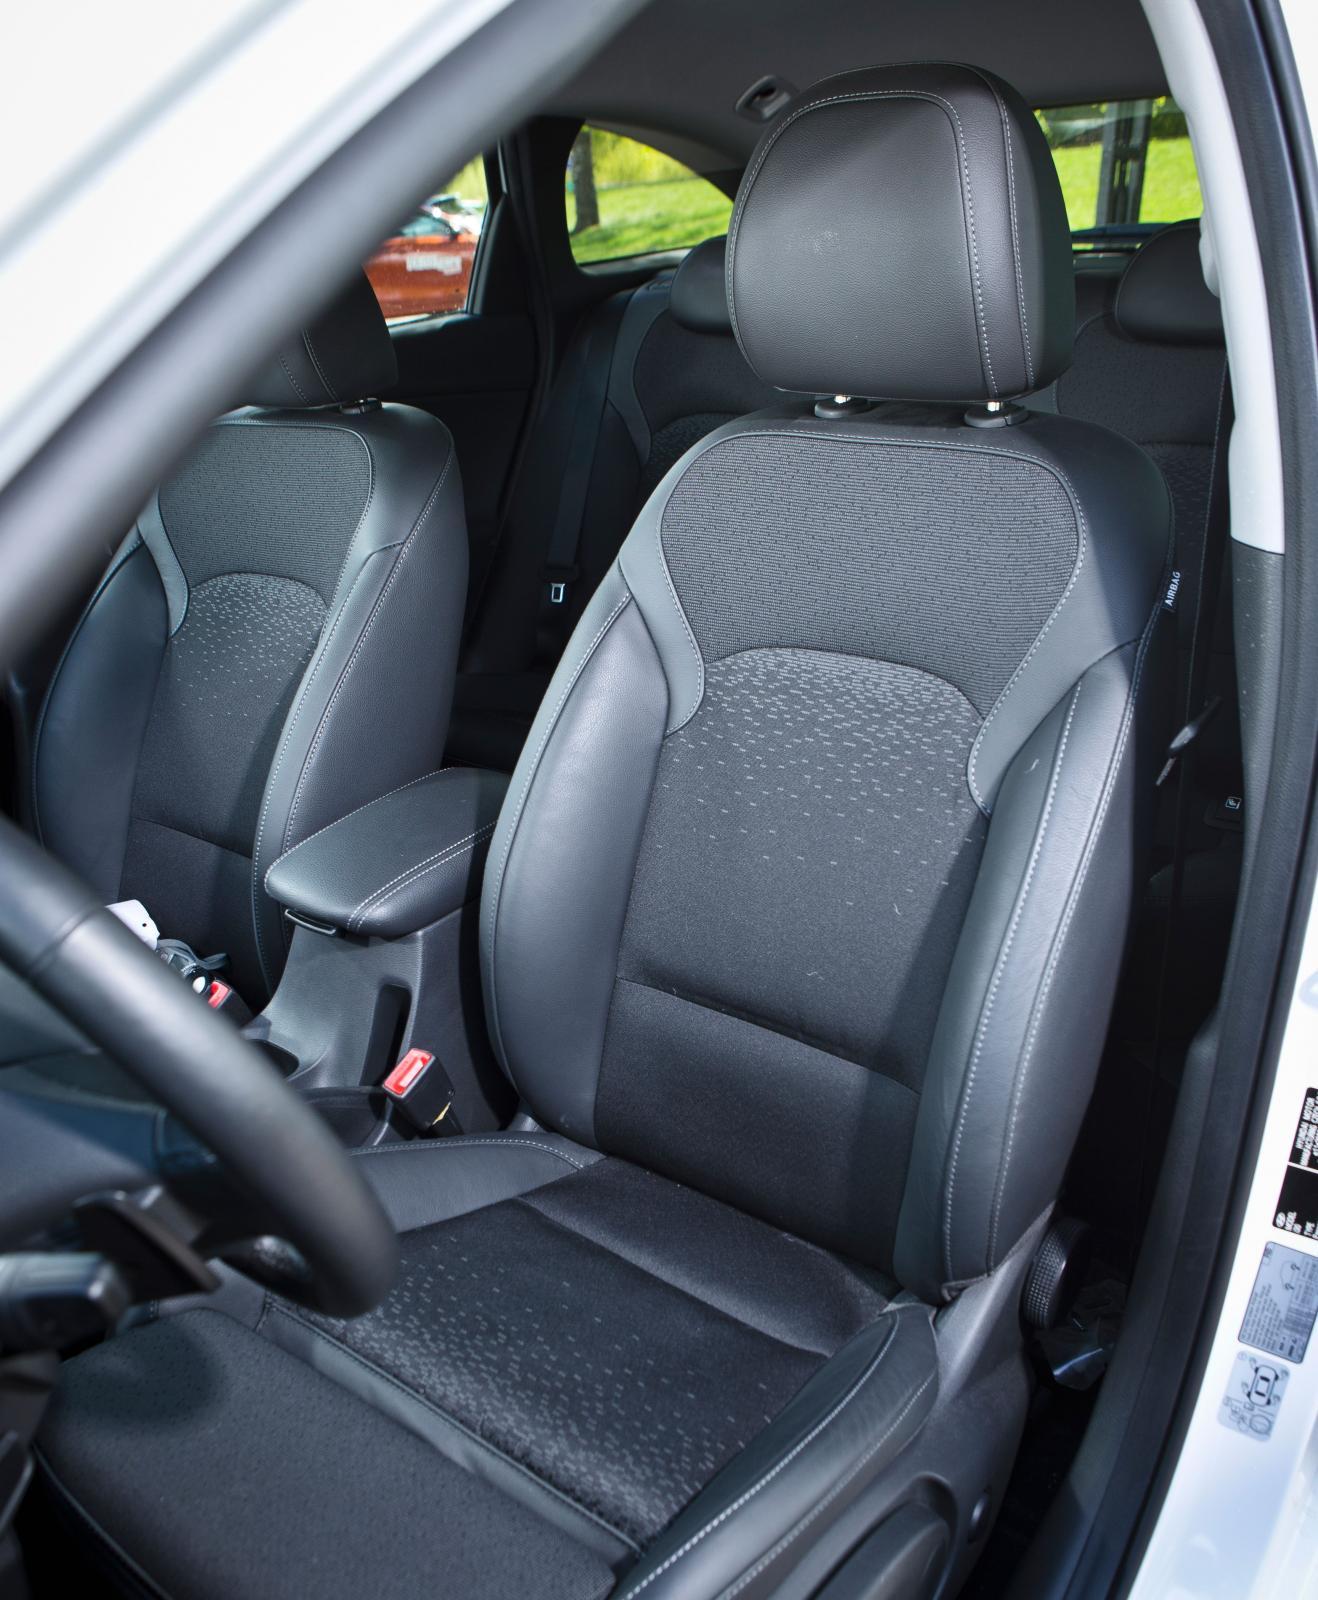 Stolens former är snarlika dem i Kia men alla förare föredrog Hyundais sittkomfort. Skönt sträv men murrig tygklädsel.